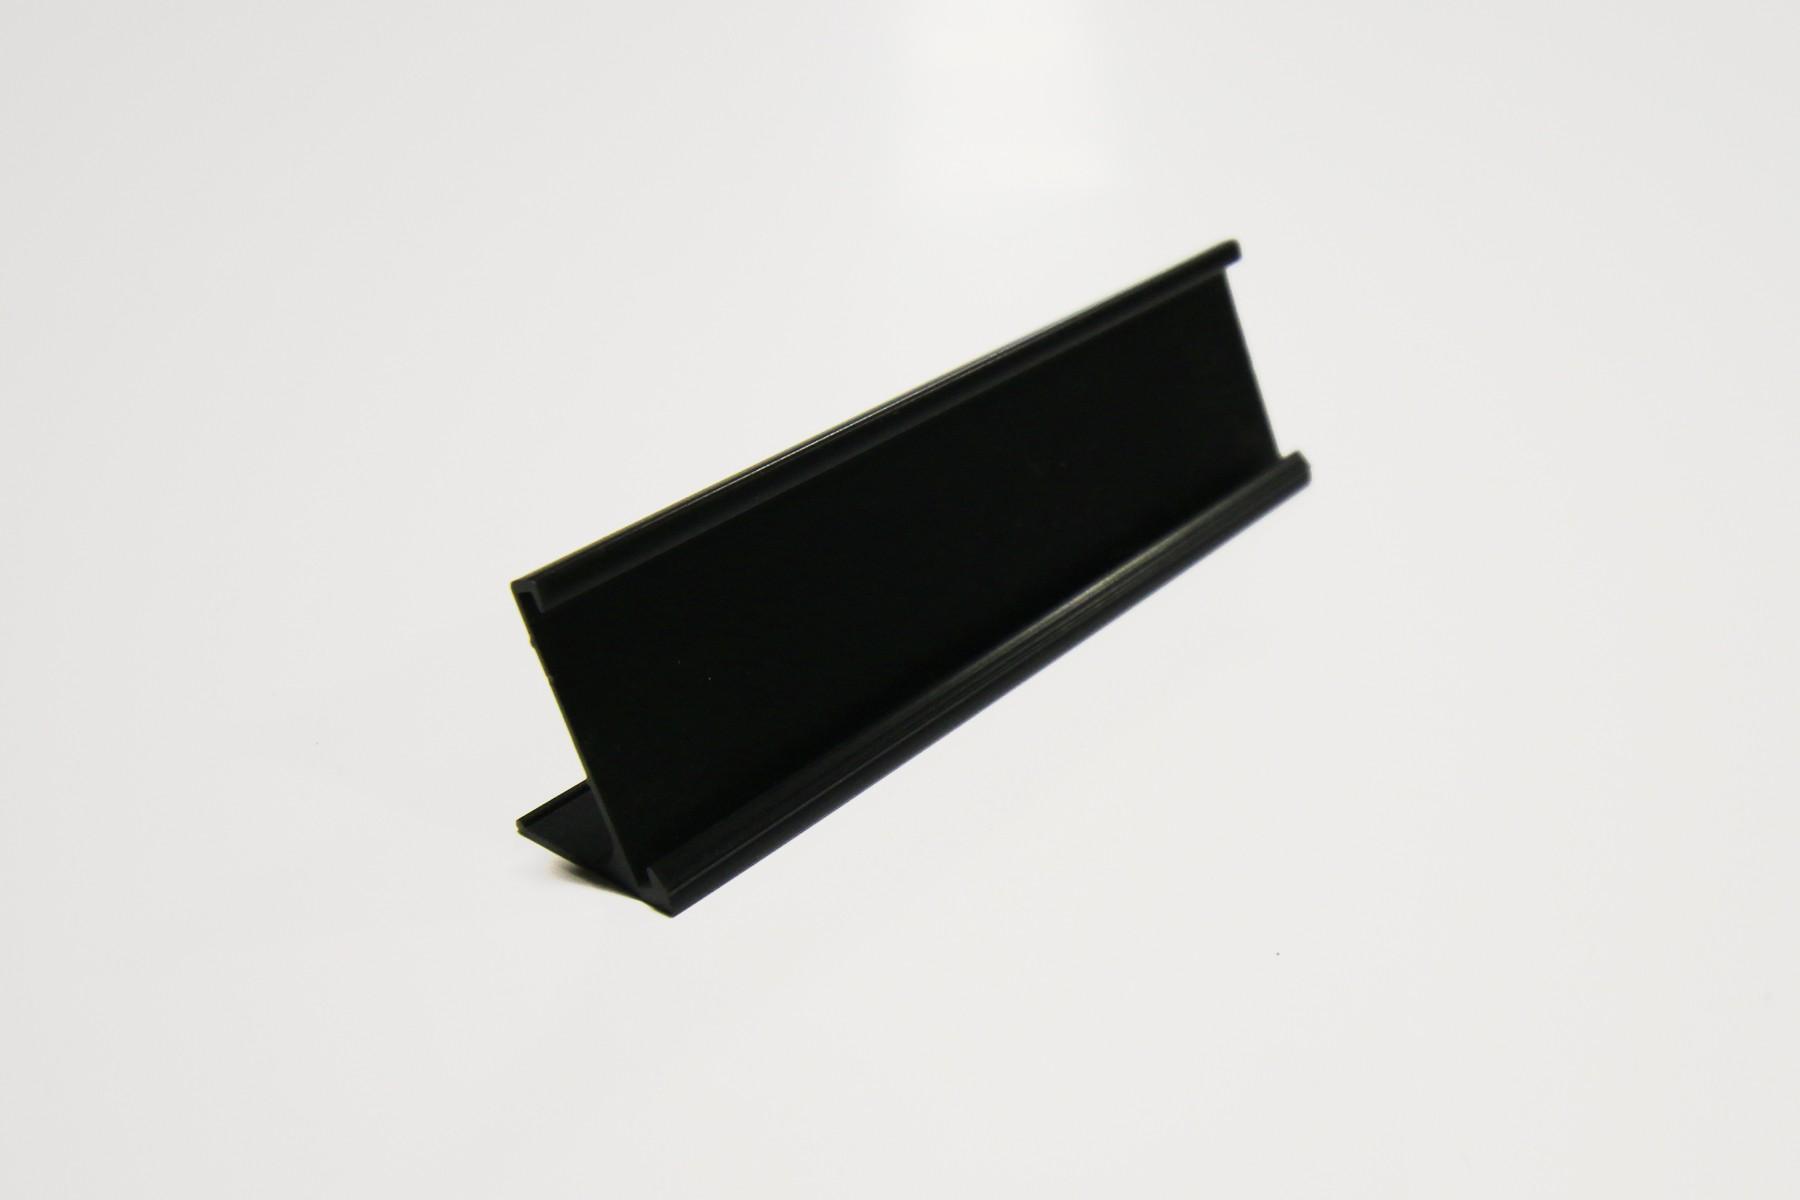 1 x 4 Desk Holder, Black